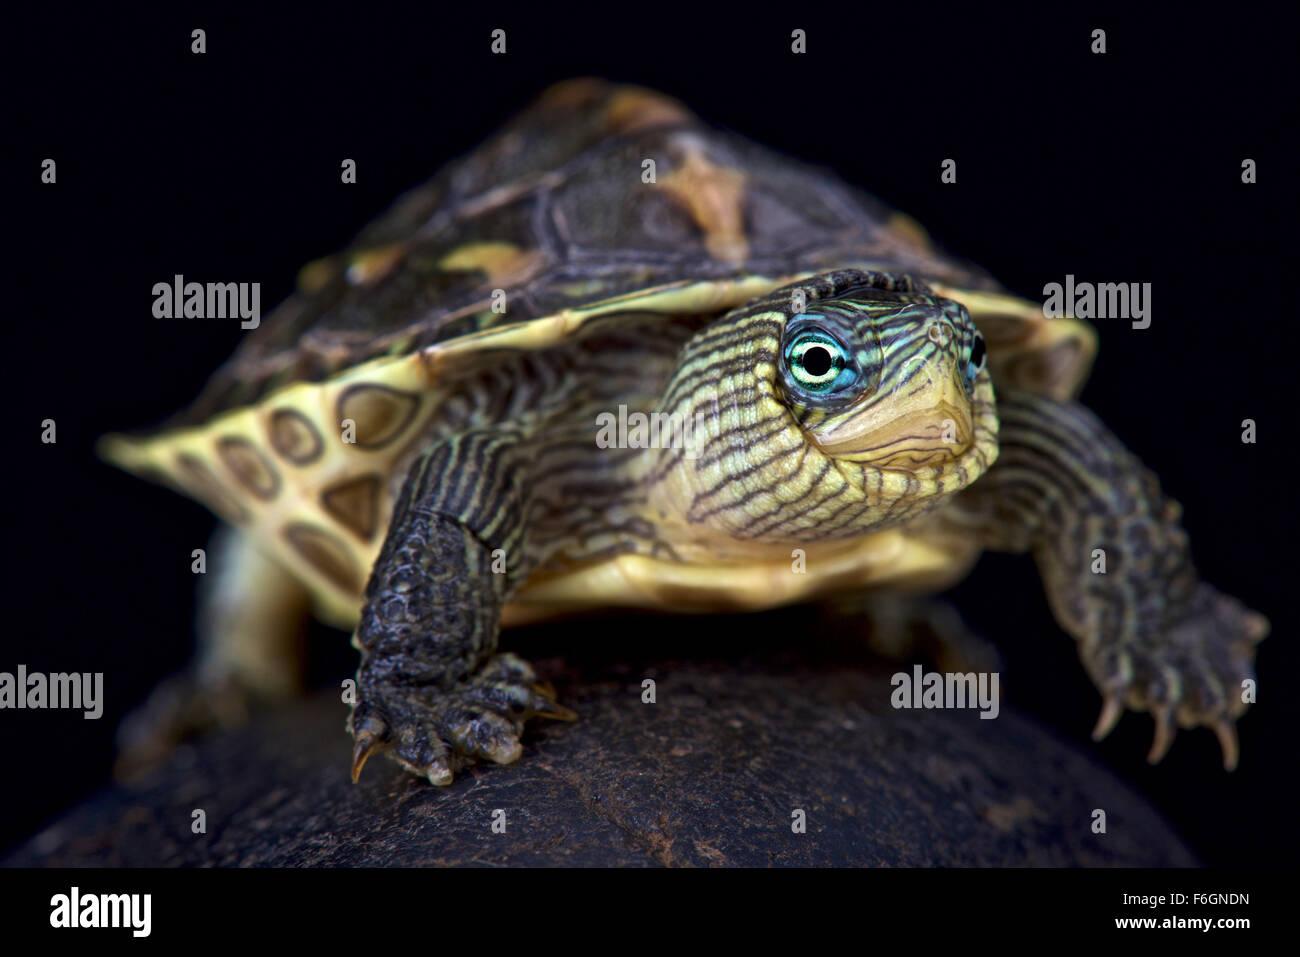 Chinesische Streifen-necked Turtle (Mauremys Sinensis) Stockbild